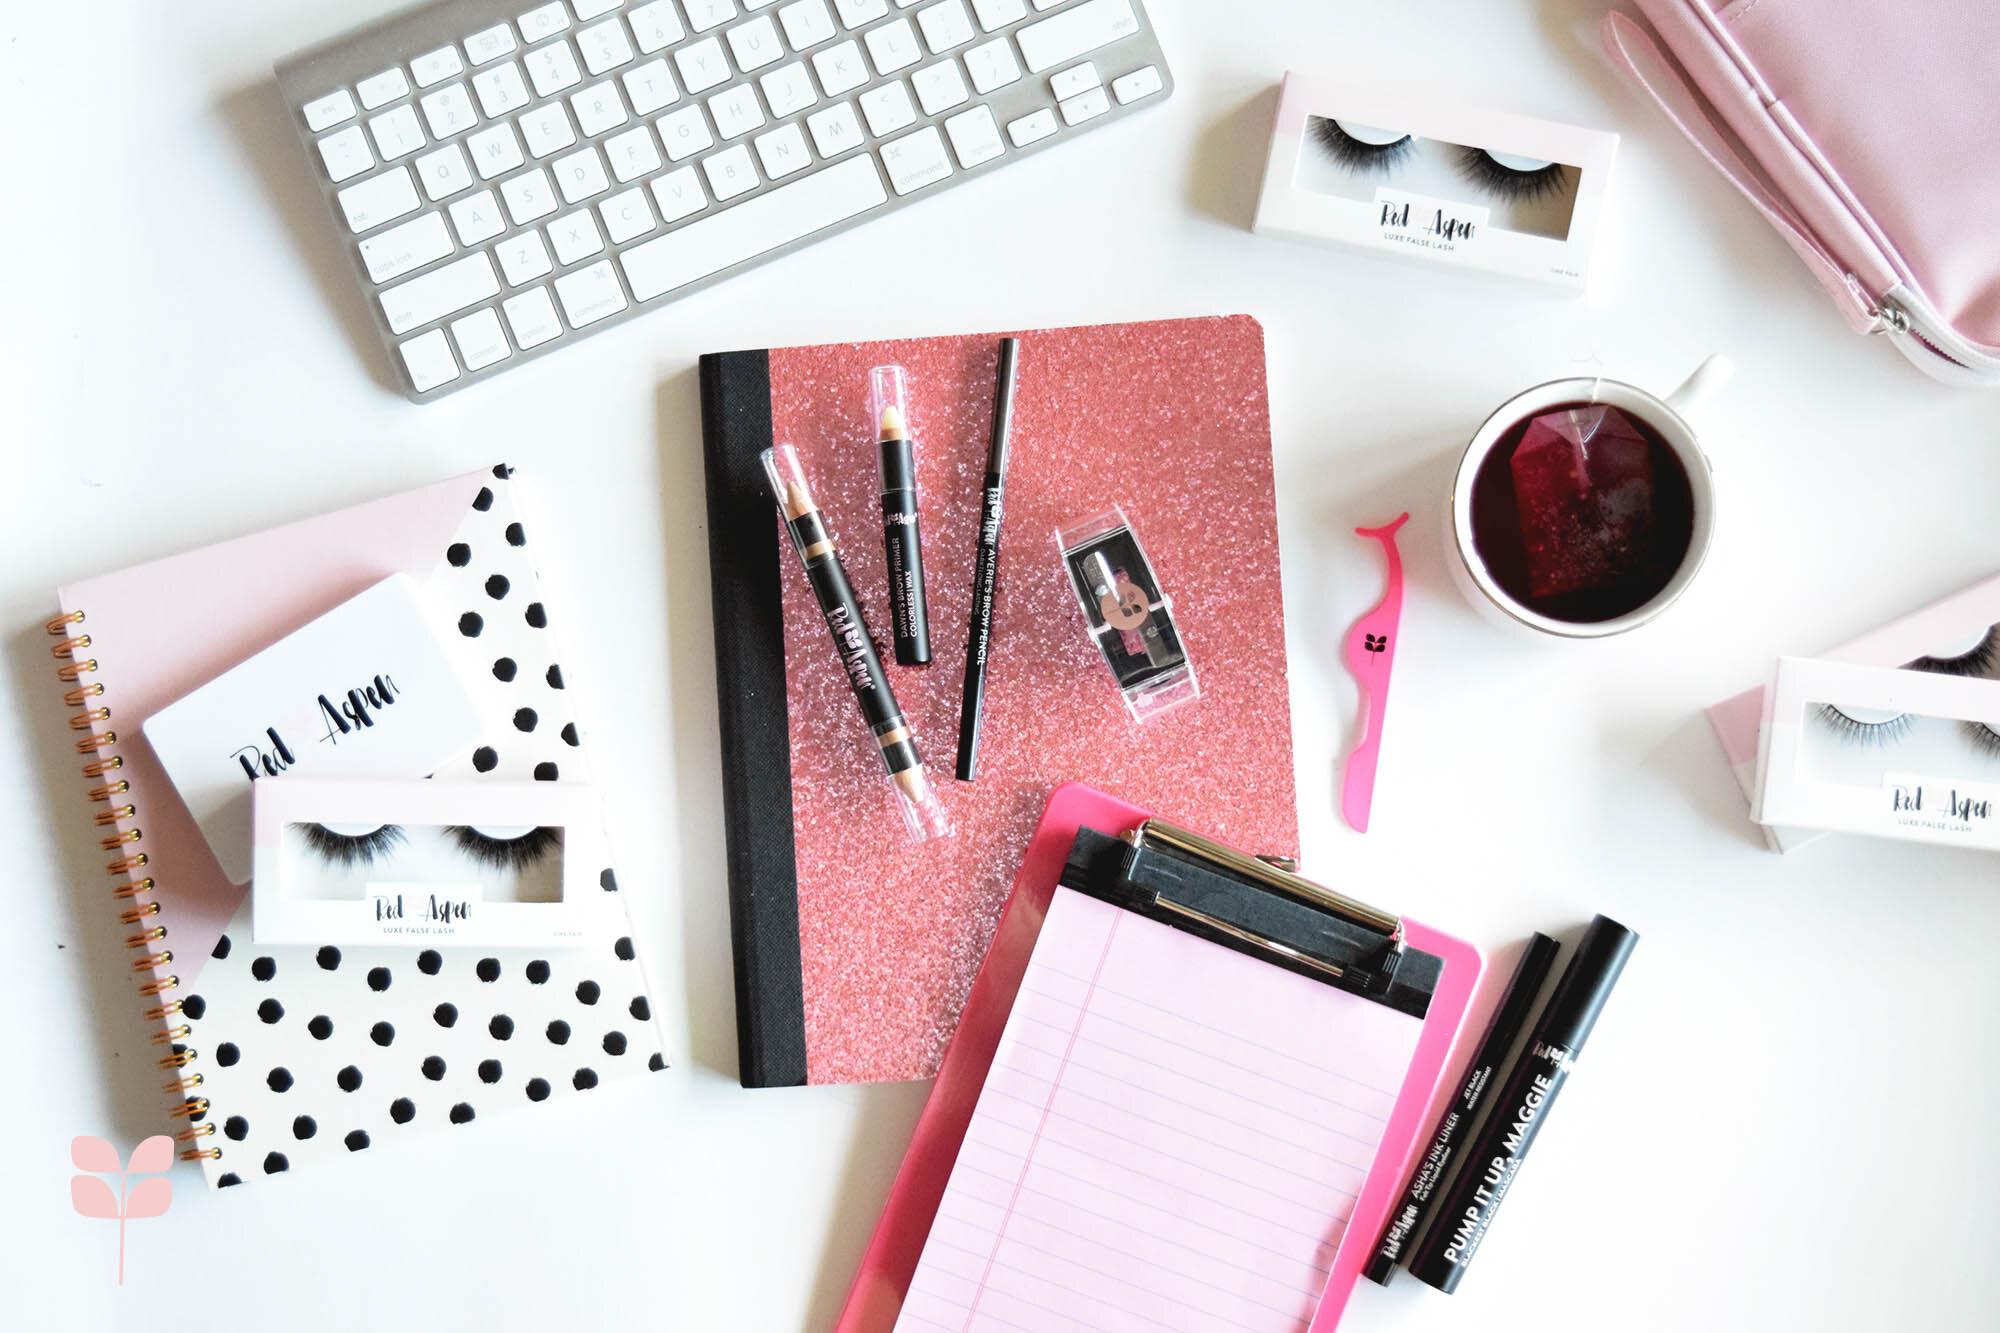 Watermark - Pump it Up, Maggie Product Desk (19).jpg